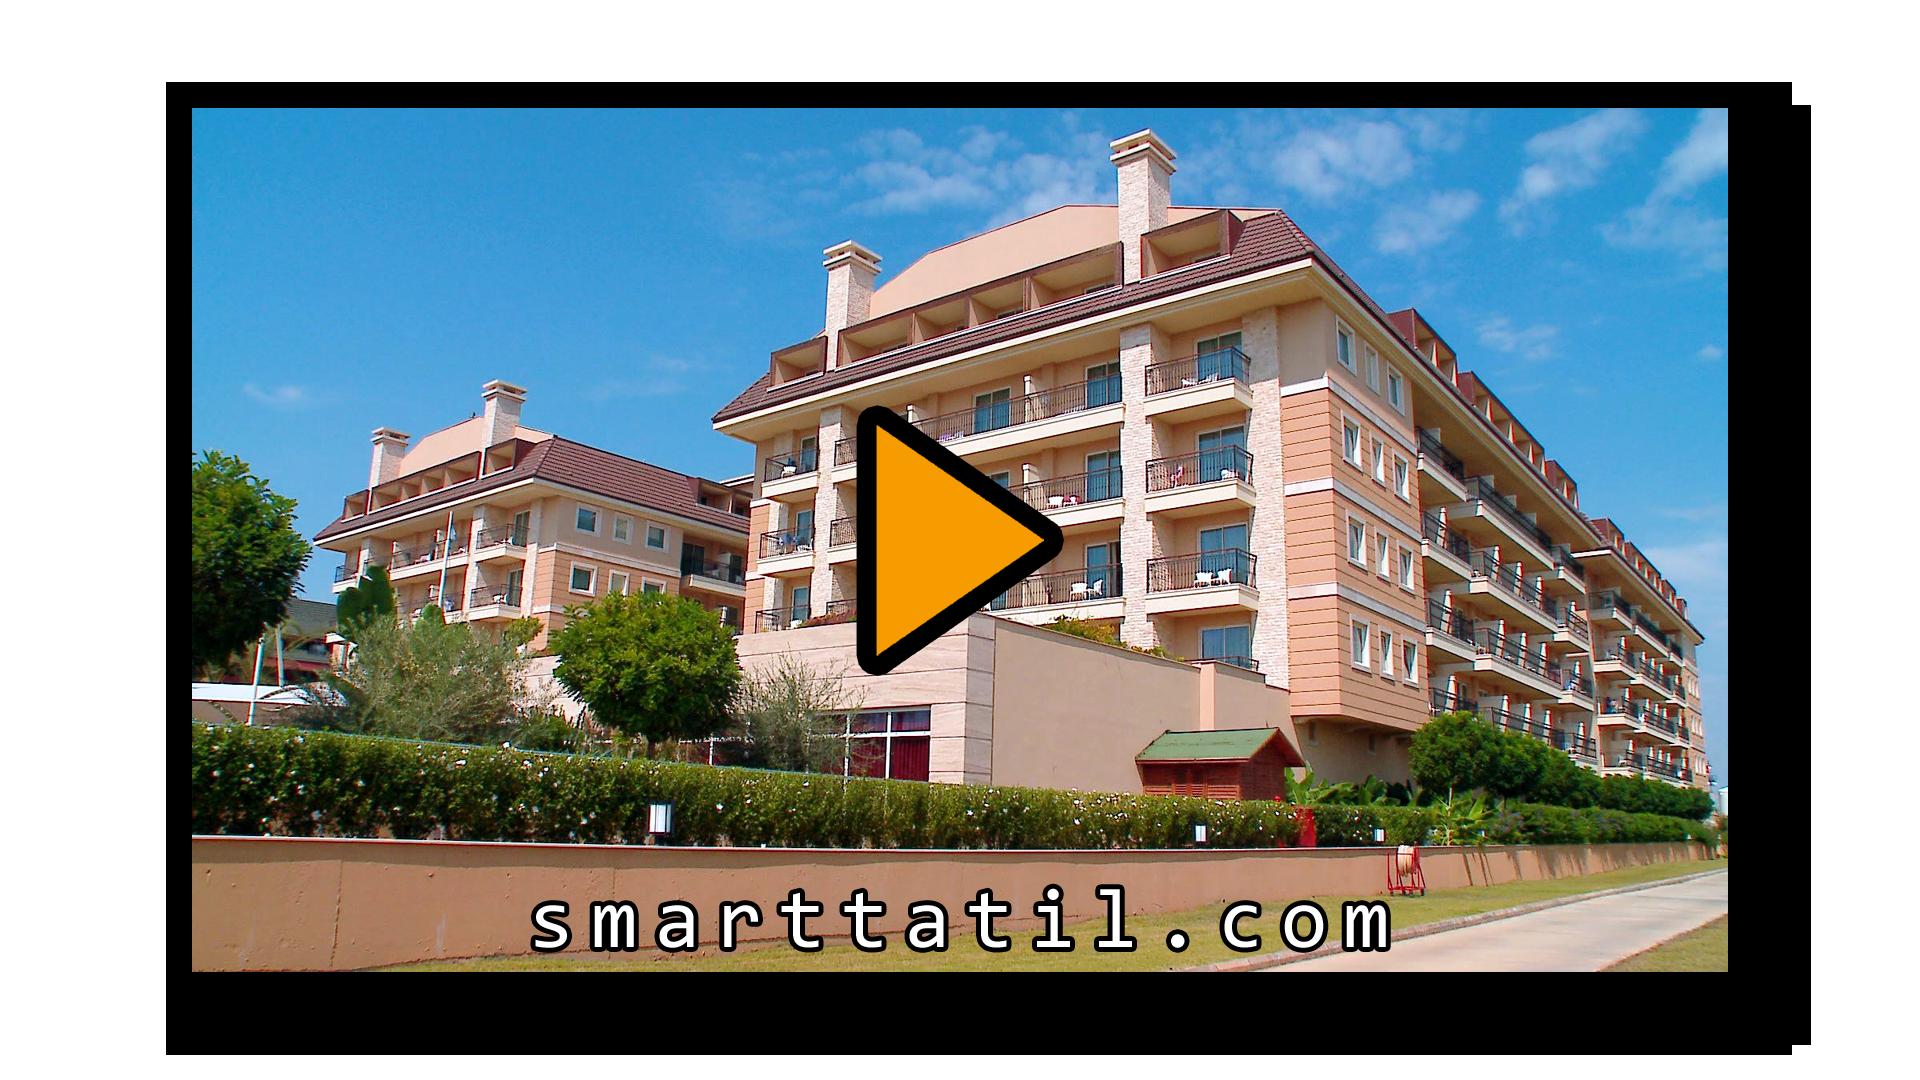 Crystal Family Resort - SMART TATİL http://www.smarttatil.com/oteldetay/998/crystal-family-resort